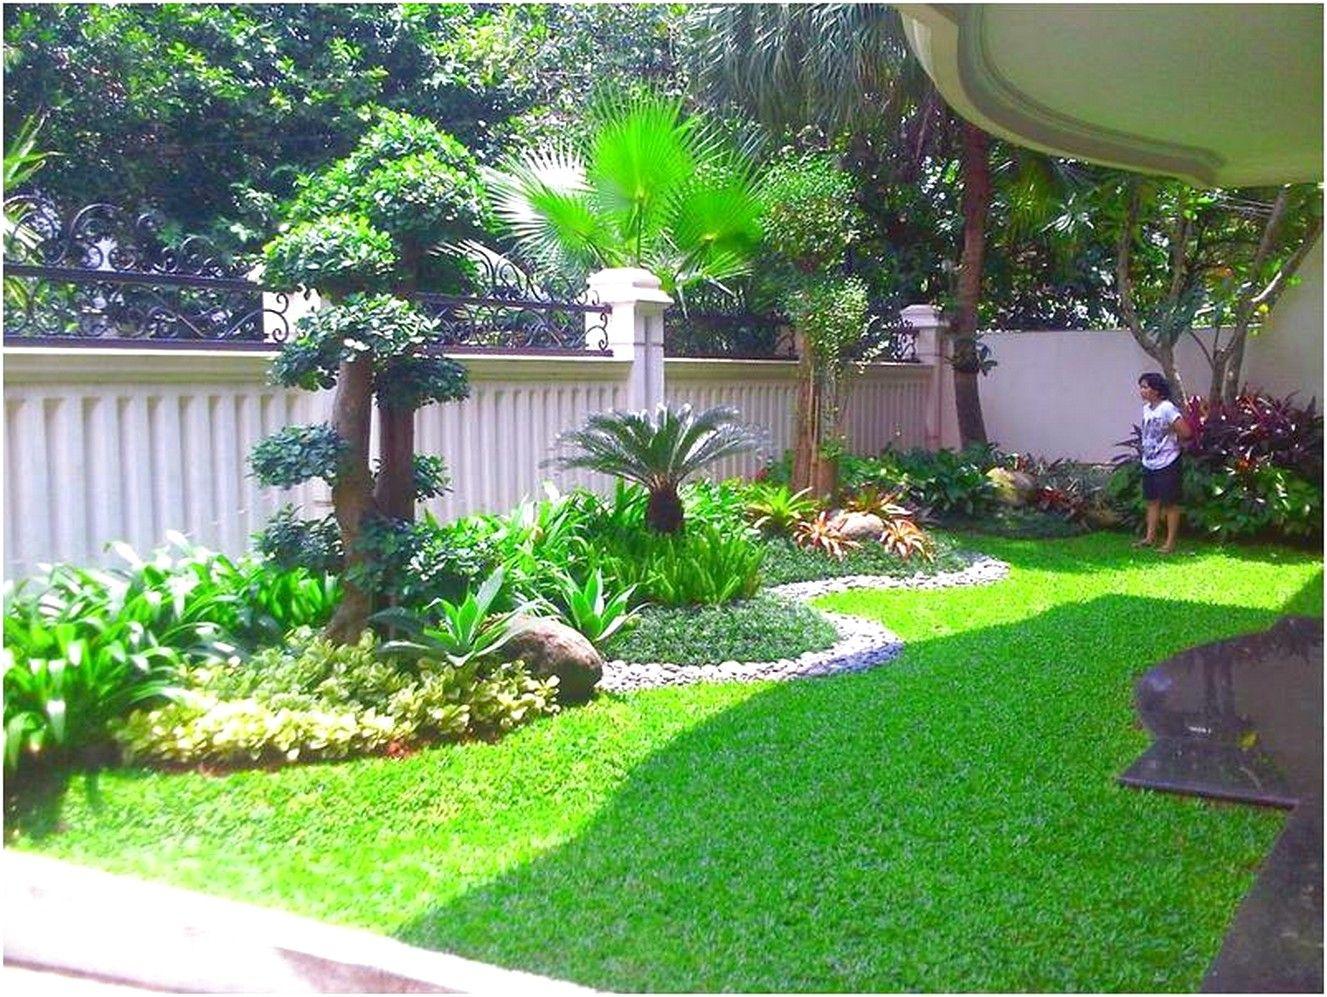 Top 101 Small Garden Ideas 8211 Small Garden Designs 8211 Good Housekeeping Desain Lanskap Kebun Kecil Taman Interior